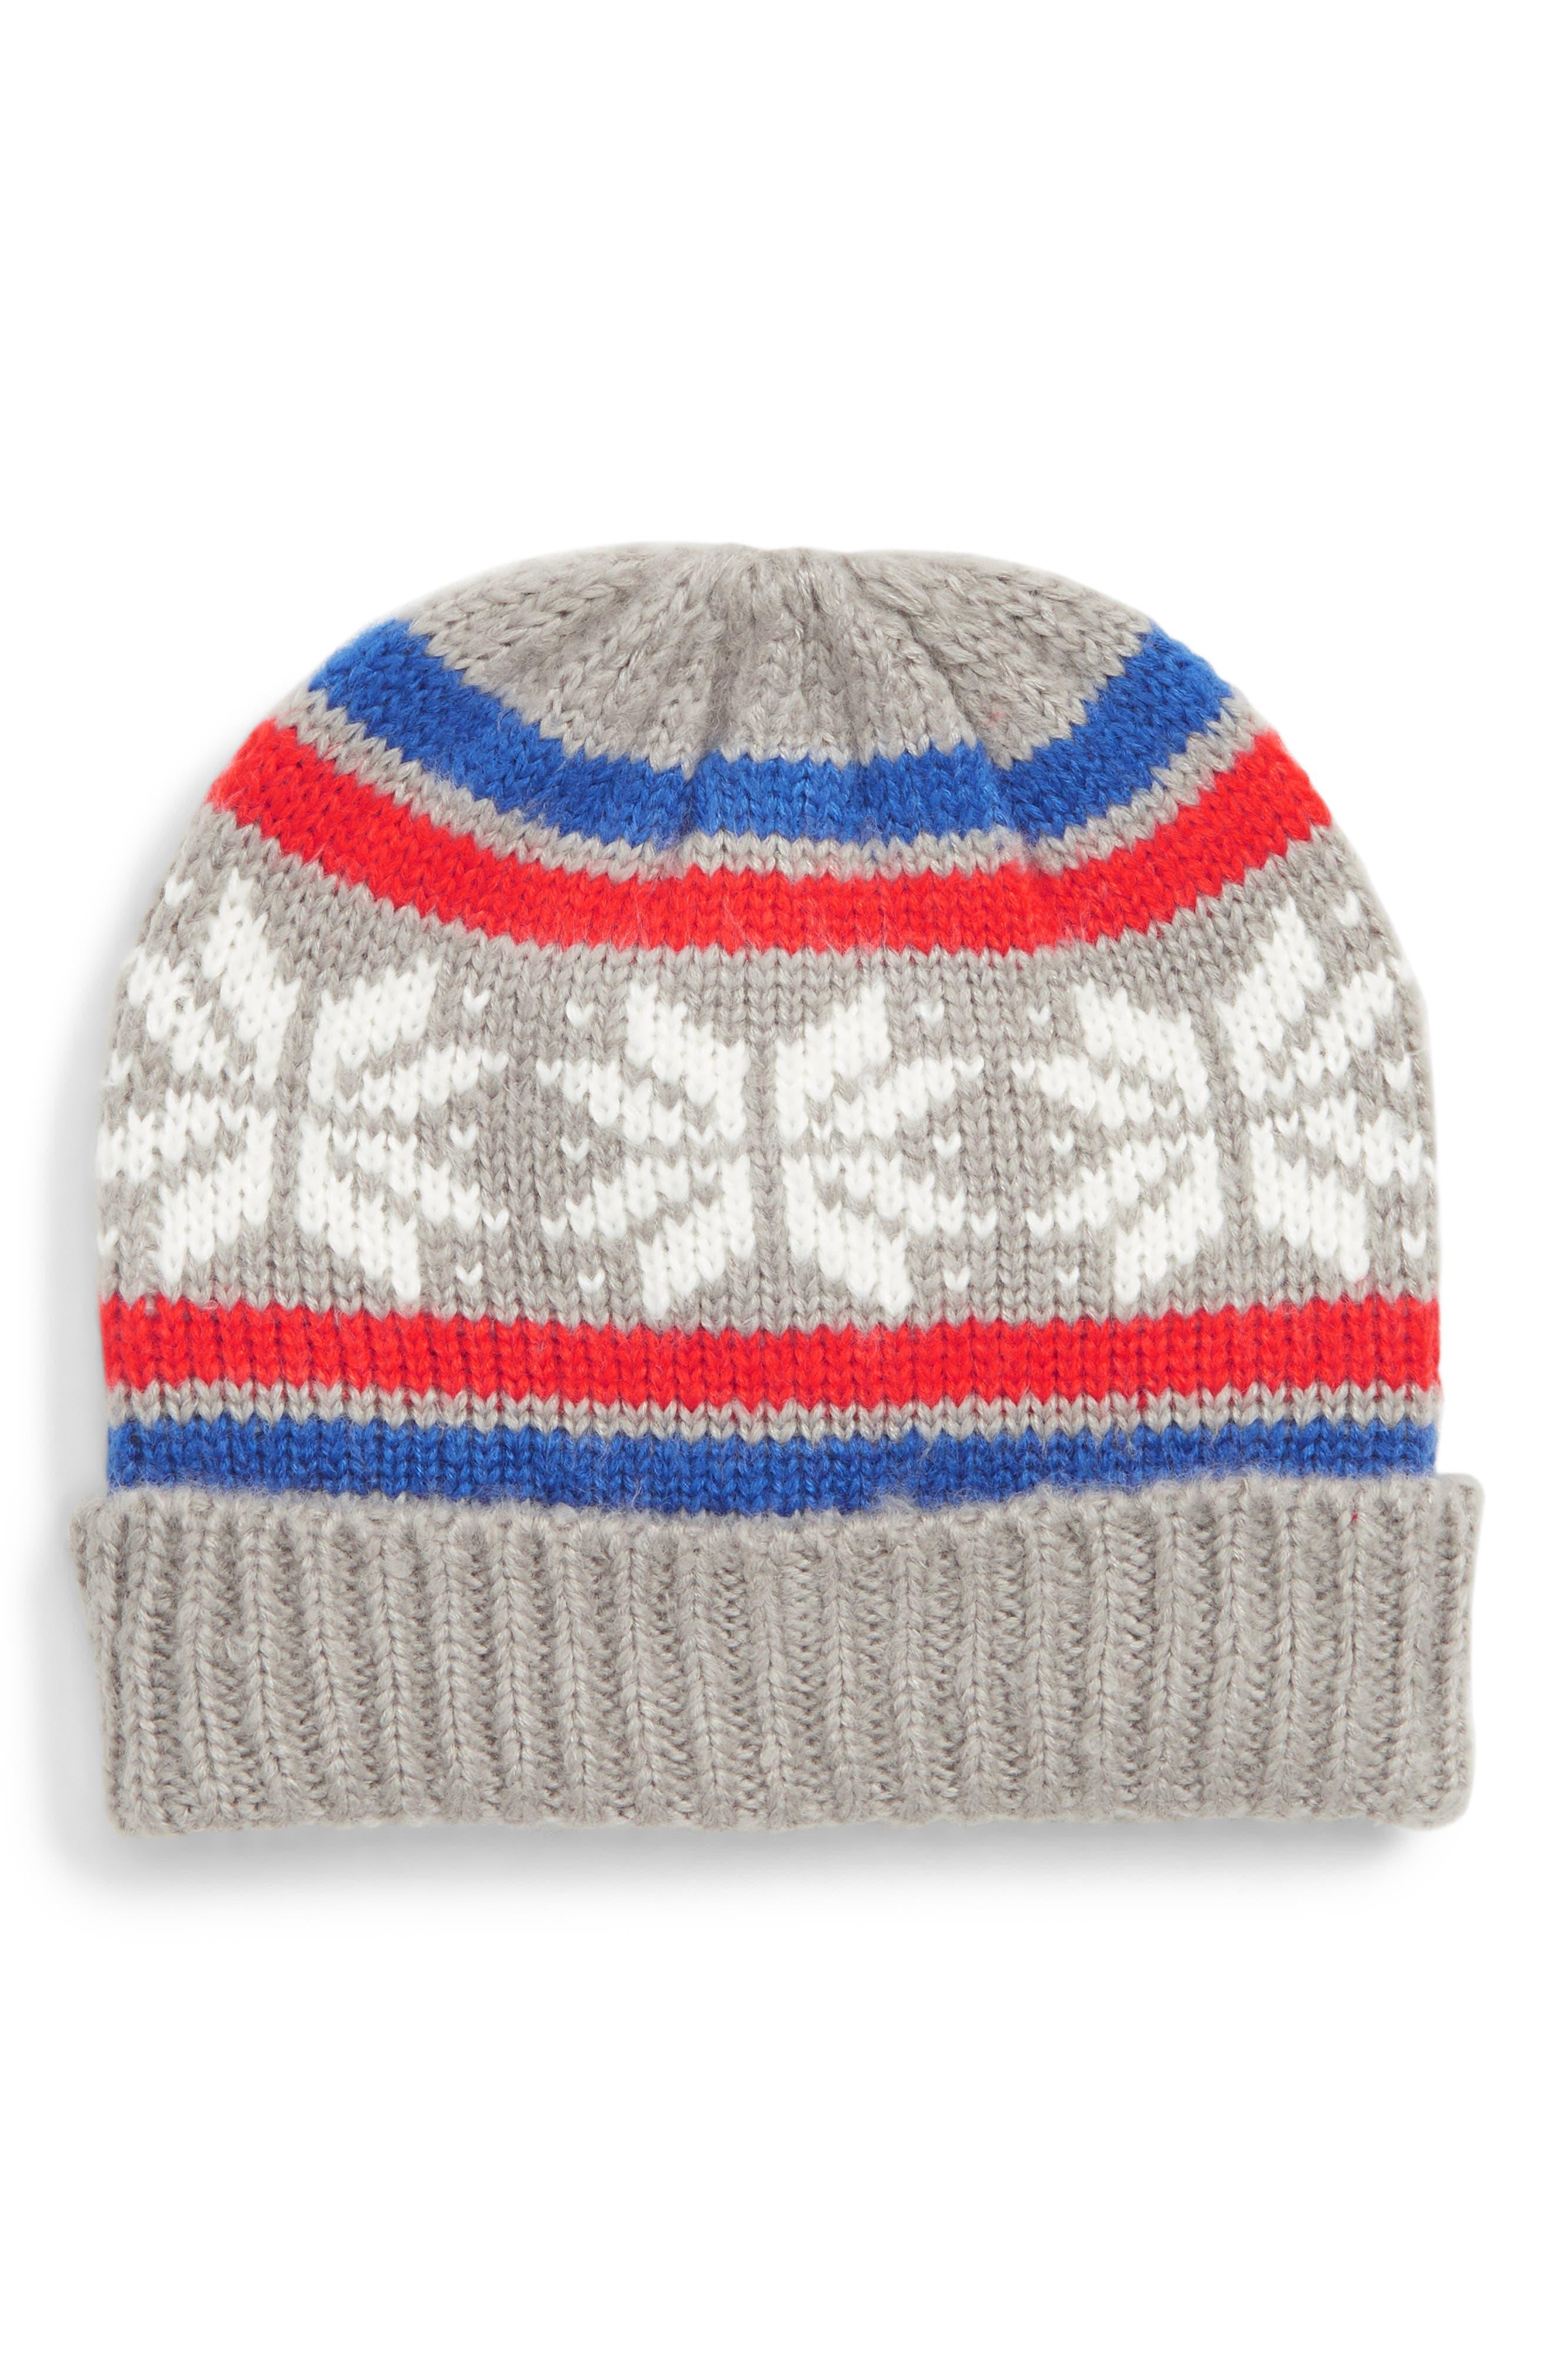 Fair Isle Knit Hat,                             Main thumbnail 1, color,                             GRY GREY MARL